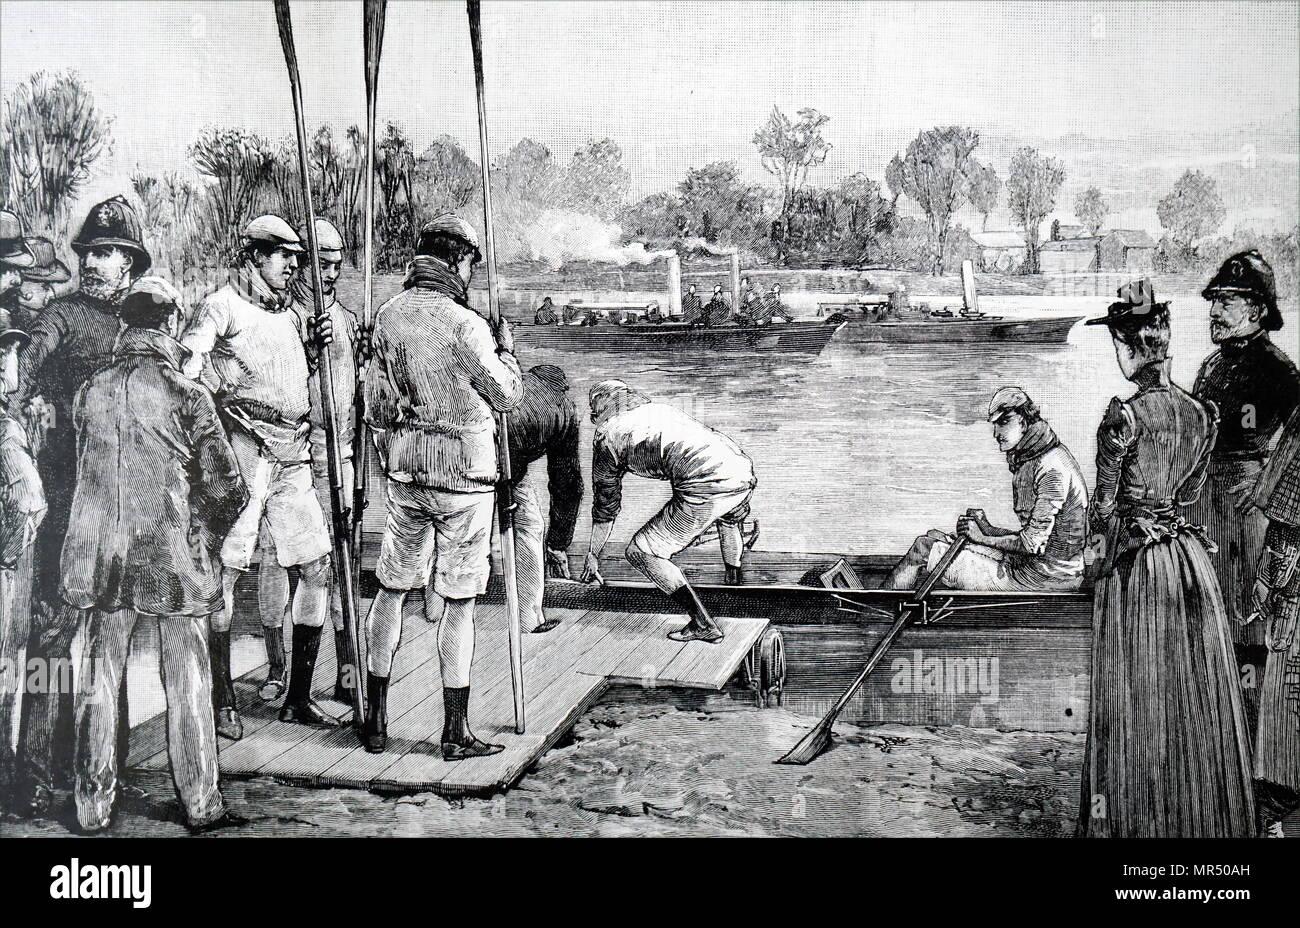 Abbildung: Darstellung einer Szene aus Cambridge und Oxford University Boat Race. Vom 19. Jahrhundert Stockbild